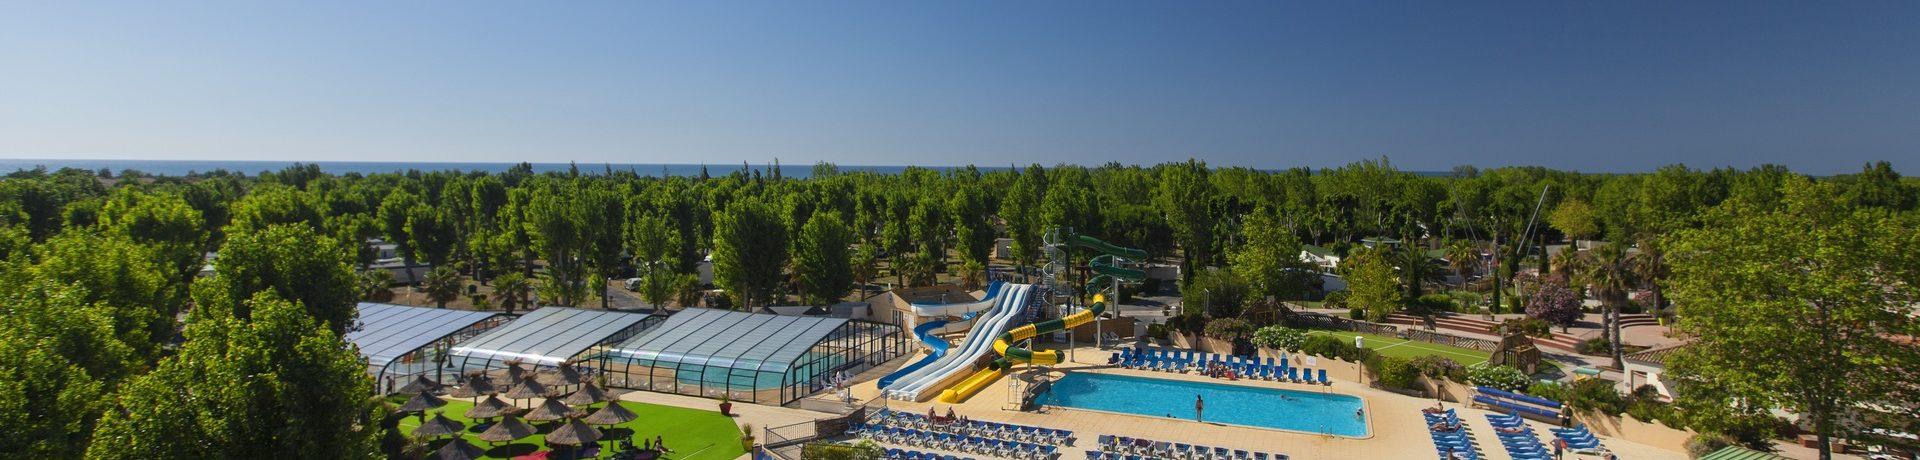 Domaine La Yole Wine Resort is een fantastische familiecamping gelegen in Languedoc-Roussillon. Geniet van de omgeving, de activiteiten en de prachtige natuur in deze regio.